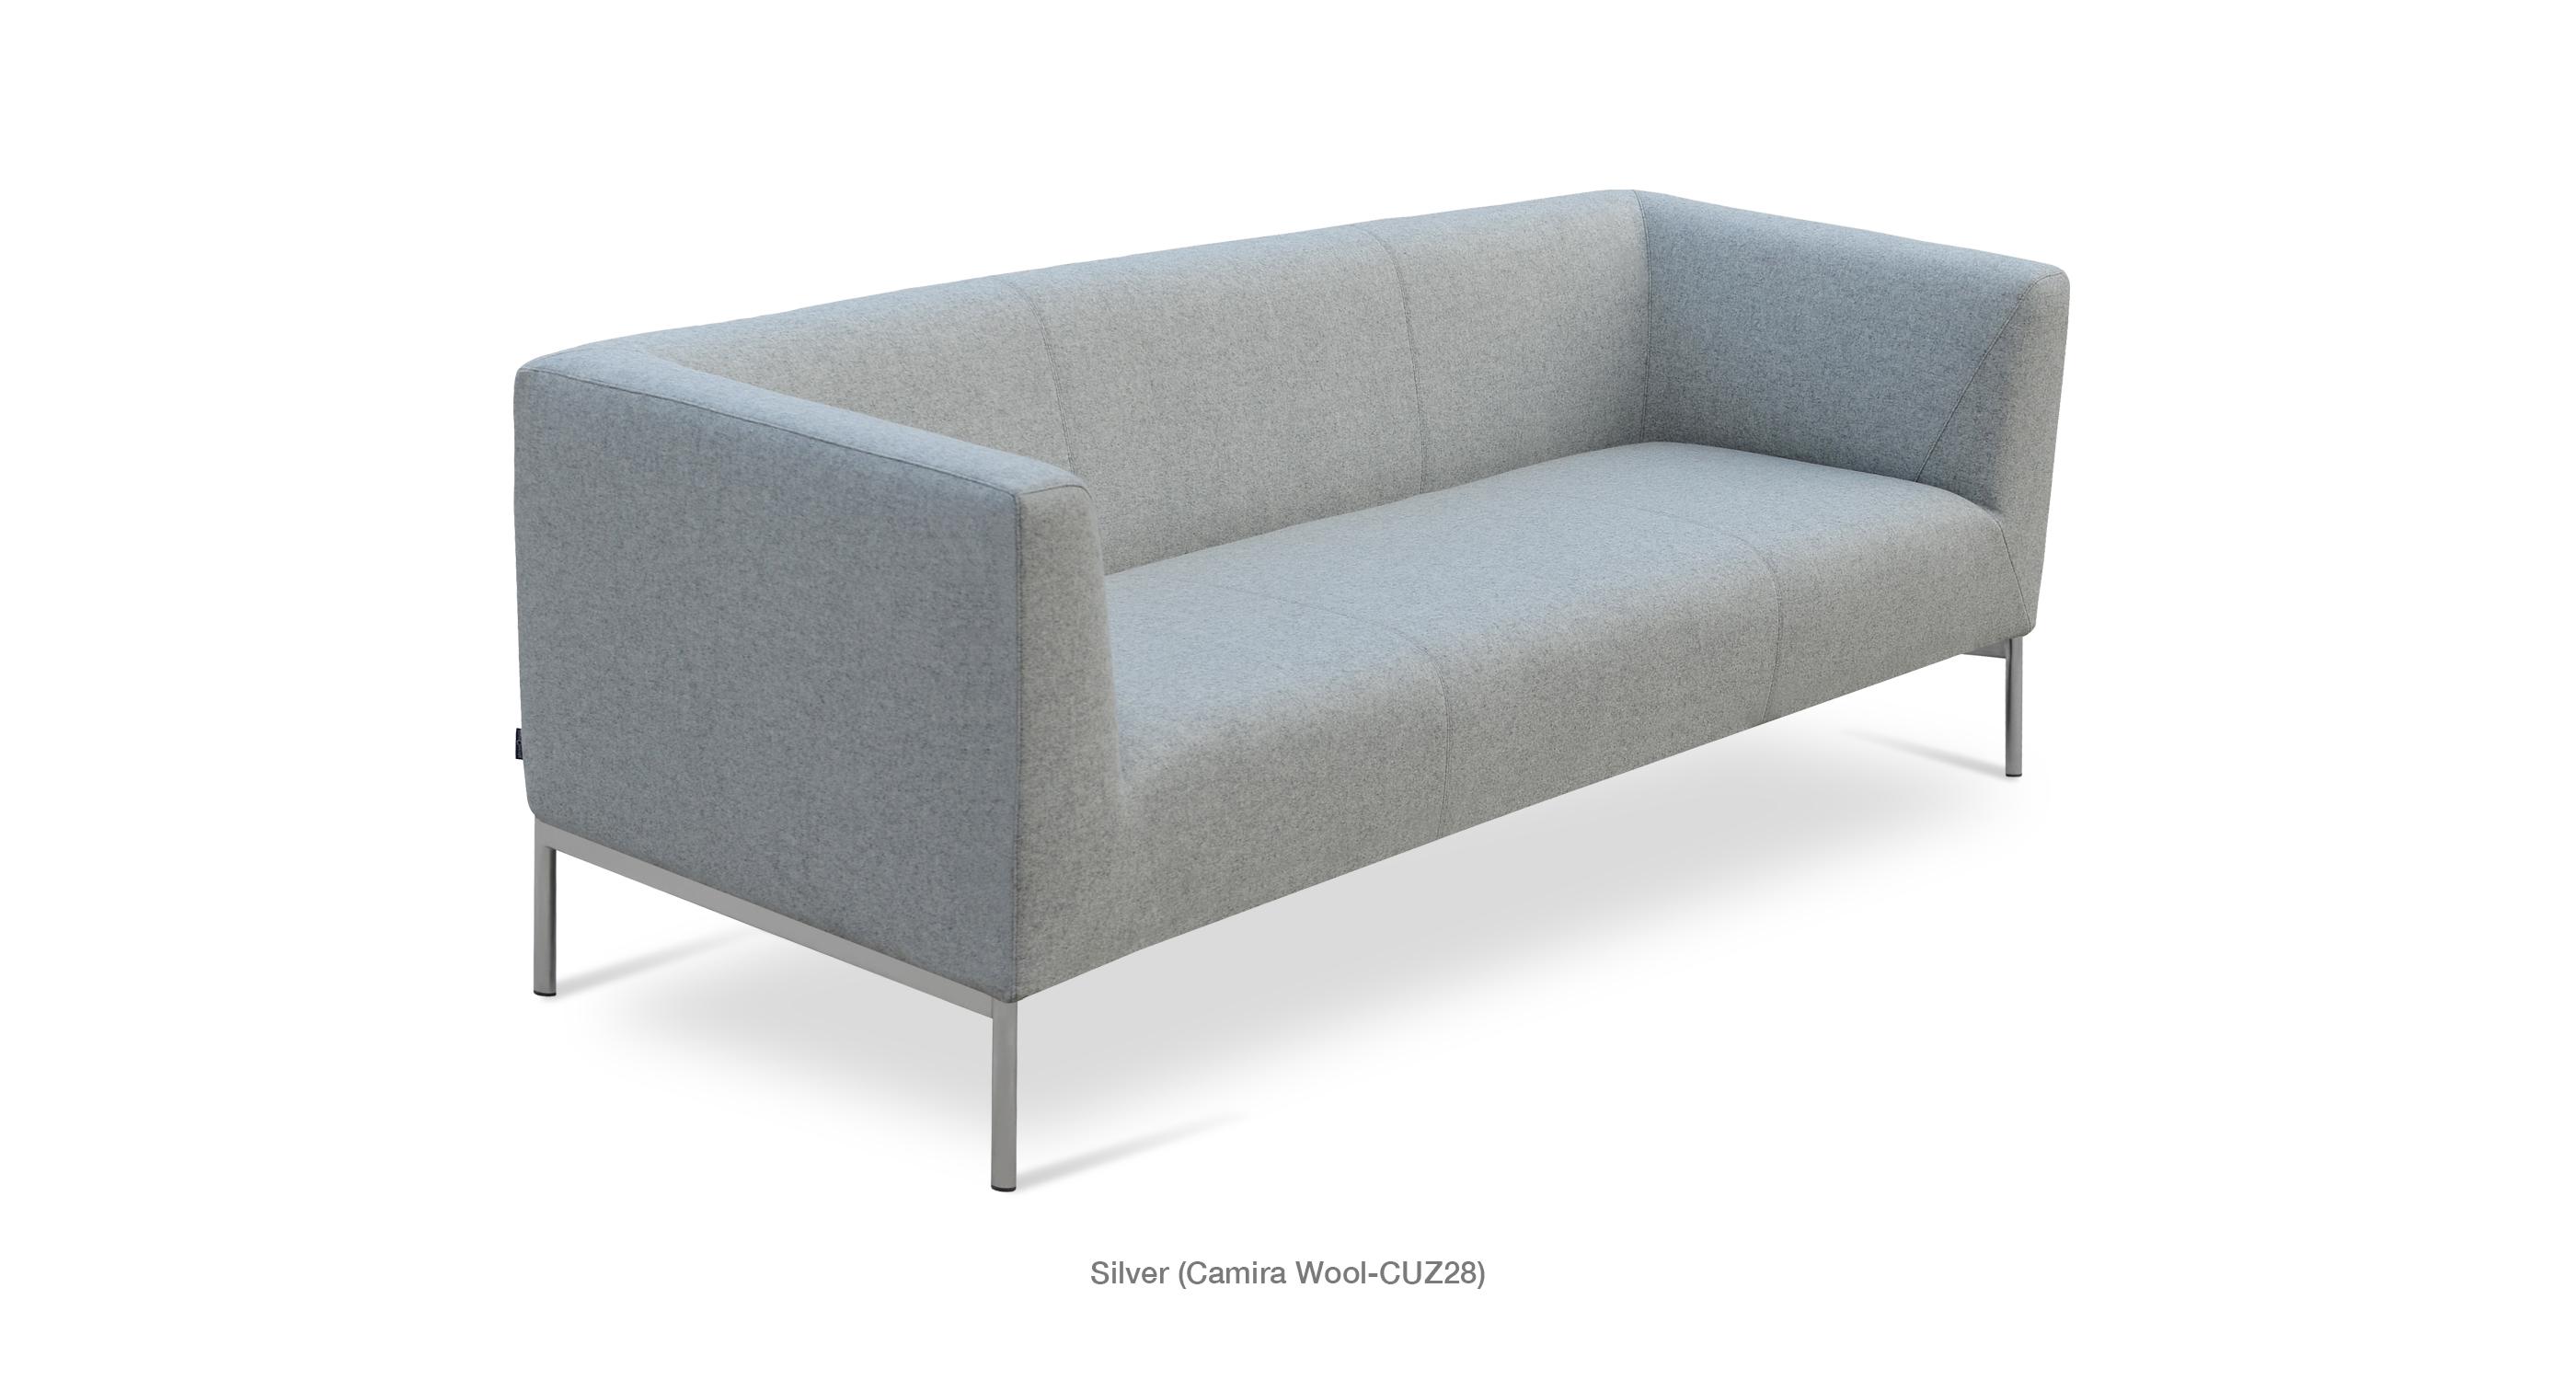 milo corner sofa groupon review unique table home plan